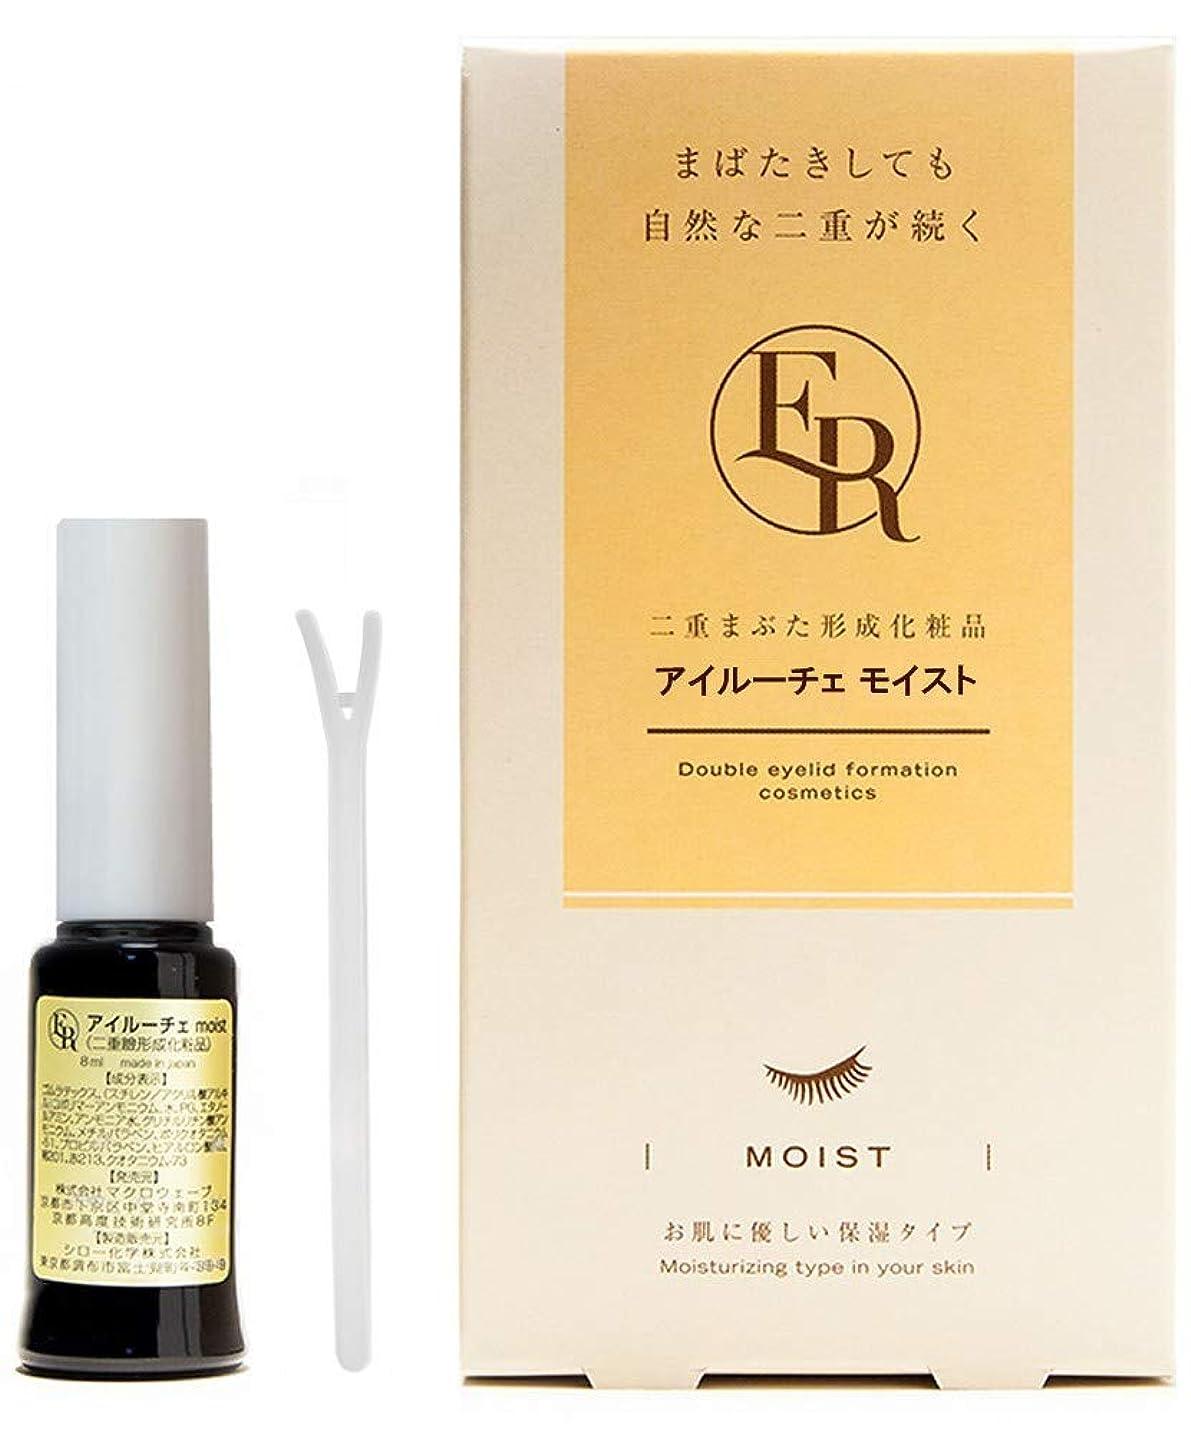 ジョージエリオットテセウス調和アイルーチェ モイスト 8ml 二重まぶた形成化粧品 mer8mv2